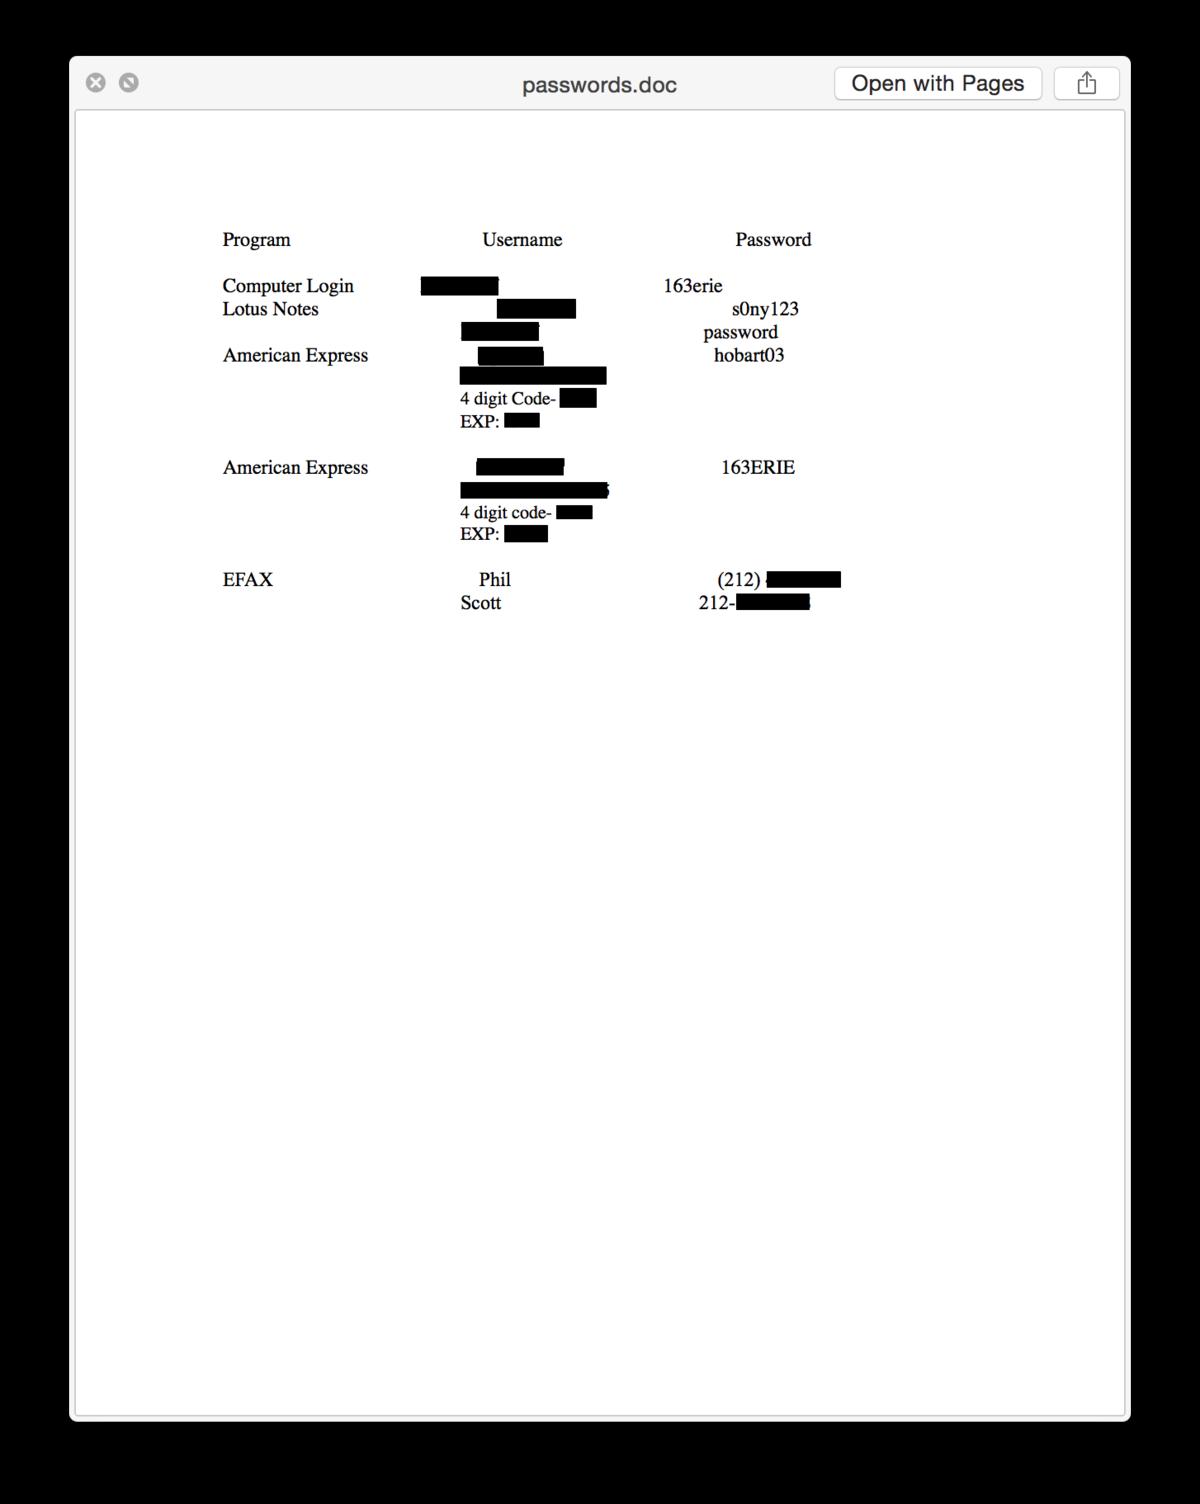 نمونهای از فایلی که رمز عبور و دیگر مشخصات در آن بوده است.